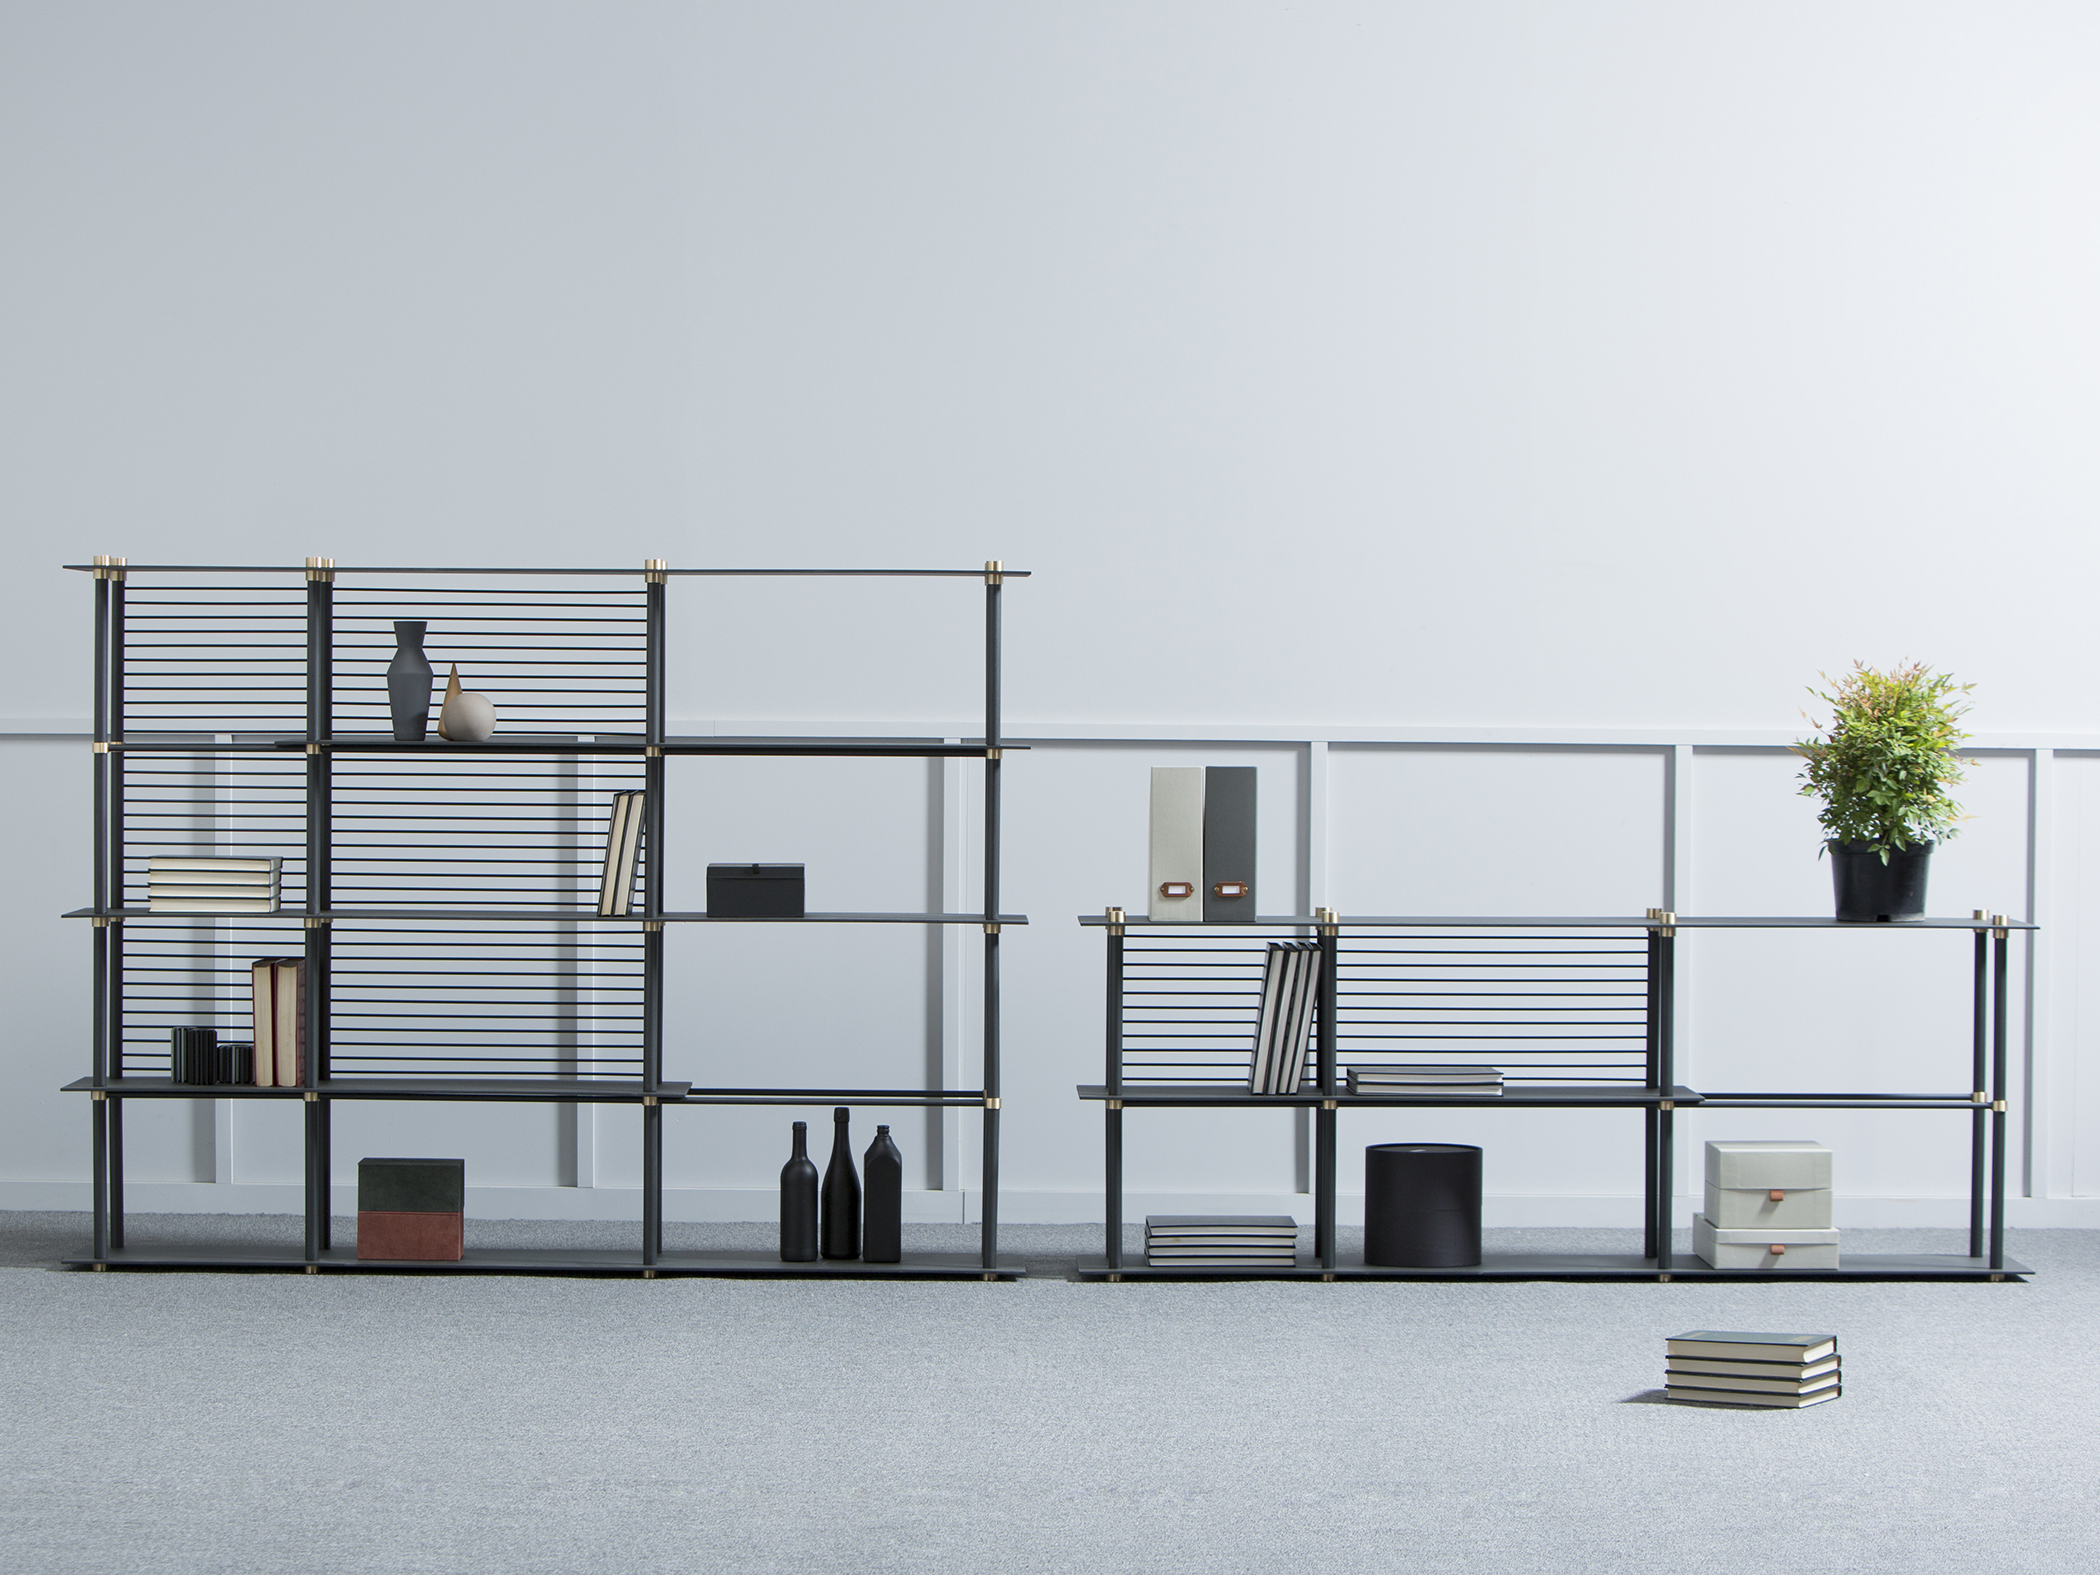 Les lignes horizontales, en clin d'œil aux stores vénitiens, jouent à troubler la lisibilité de l'espace.